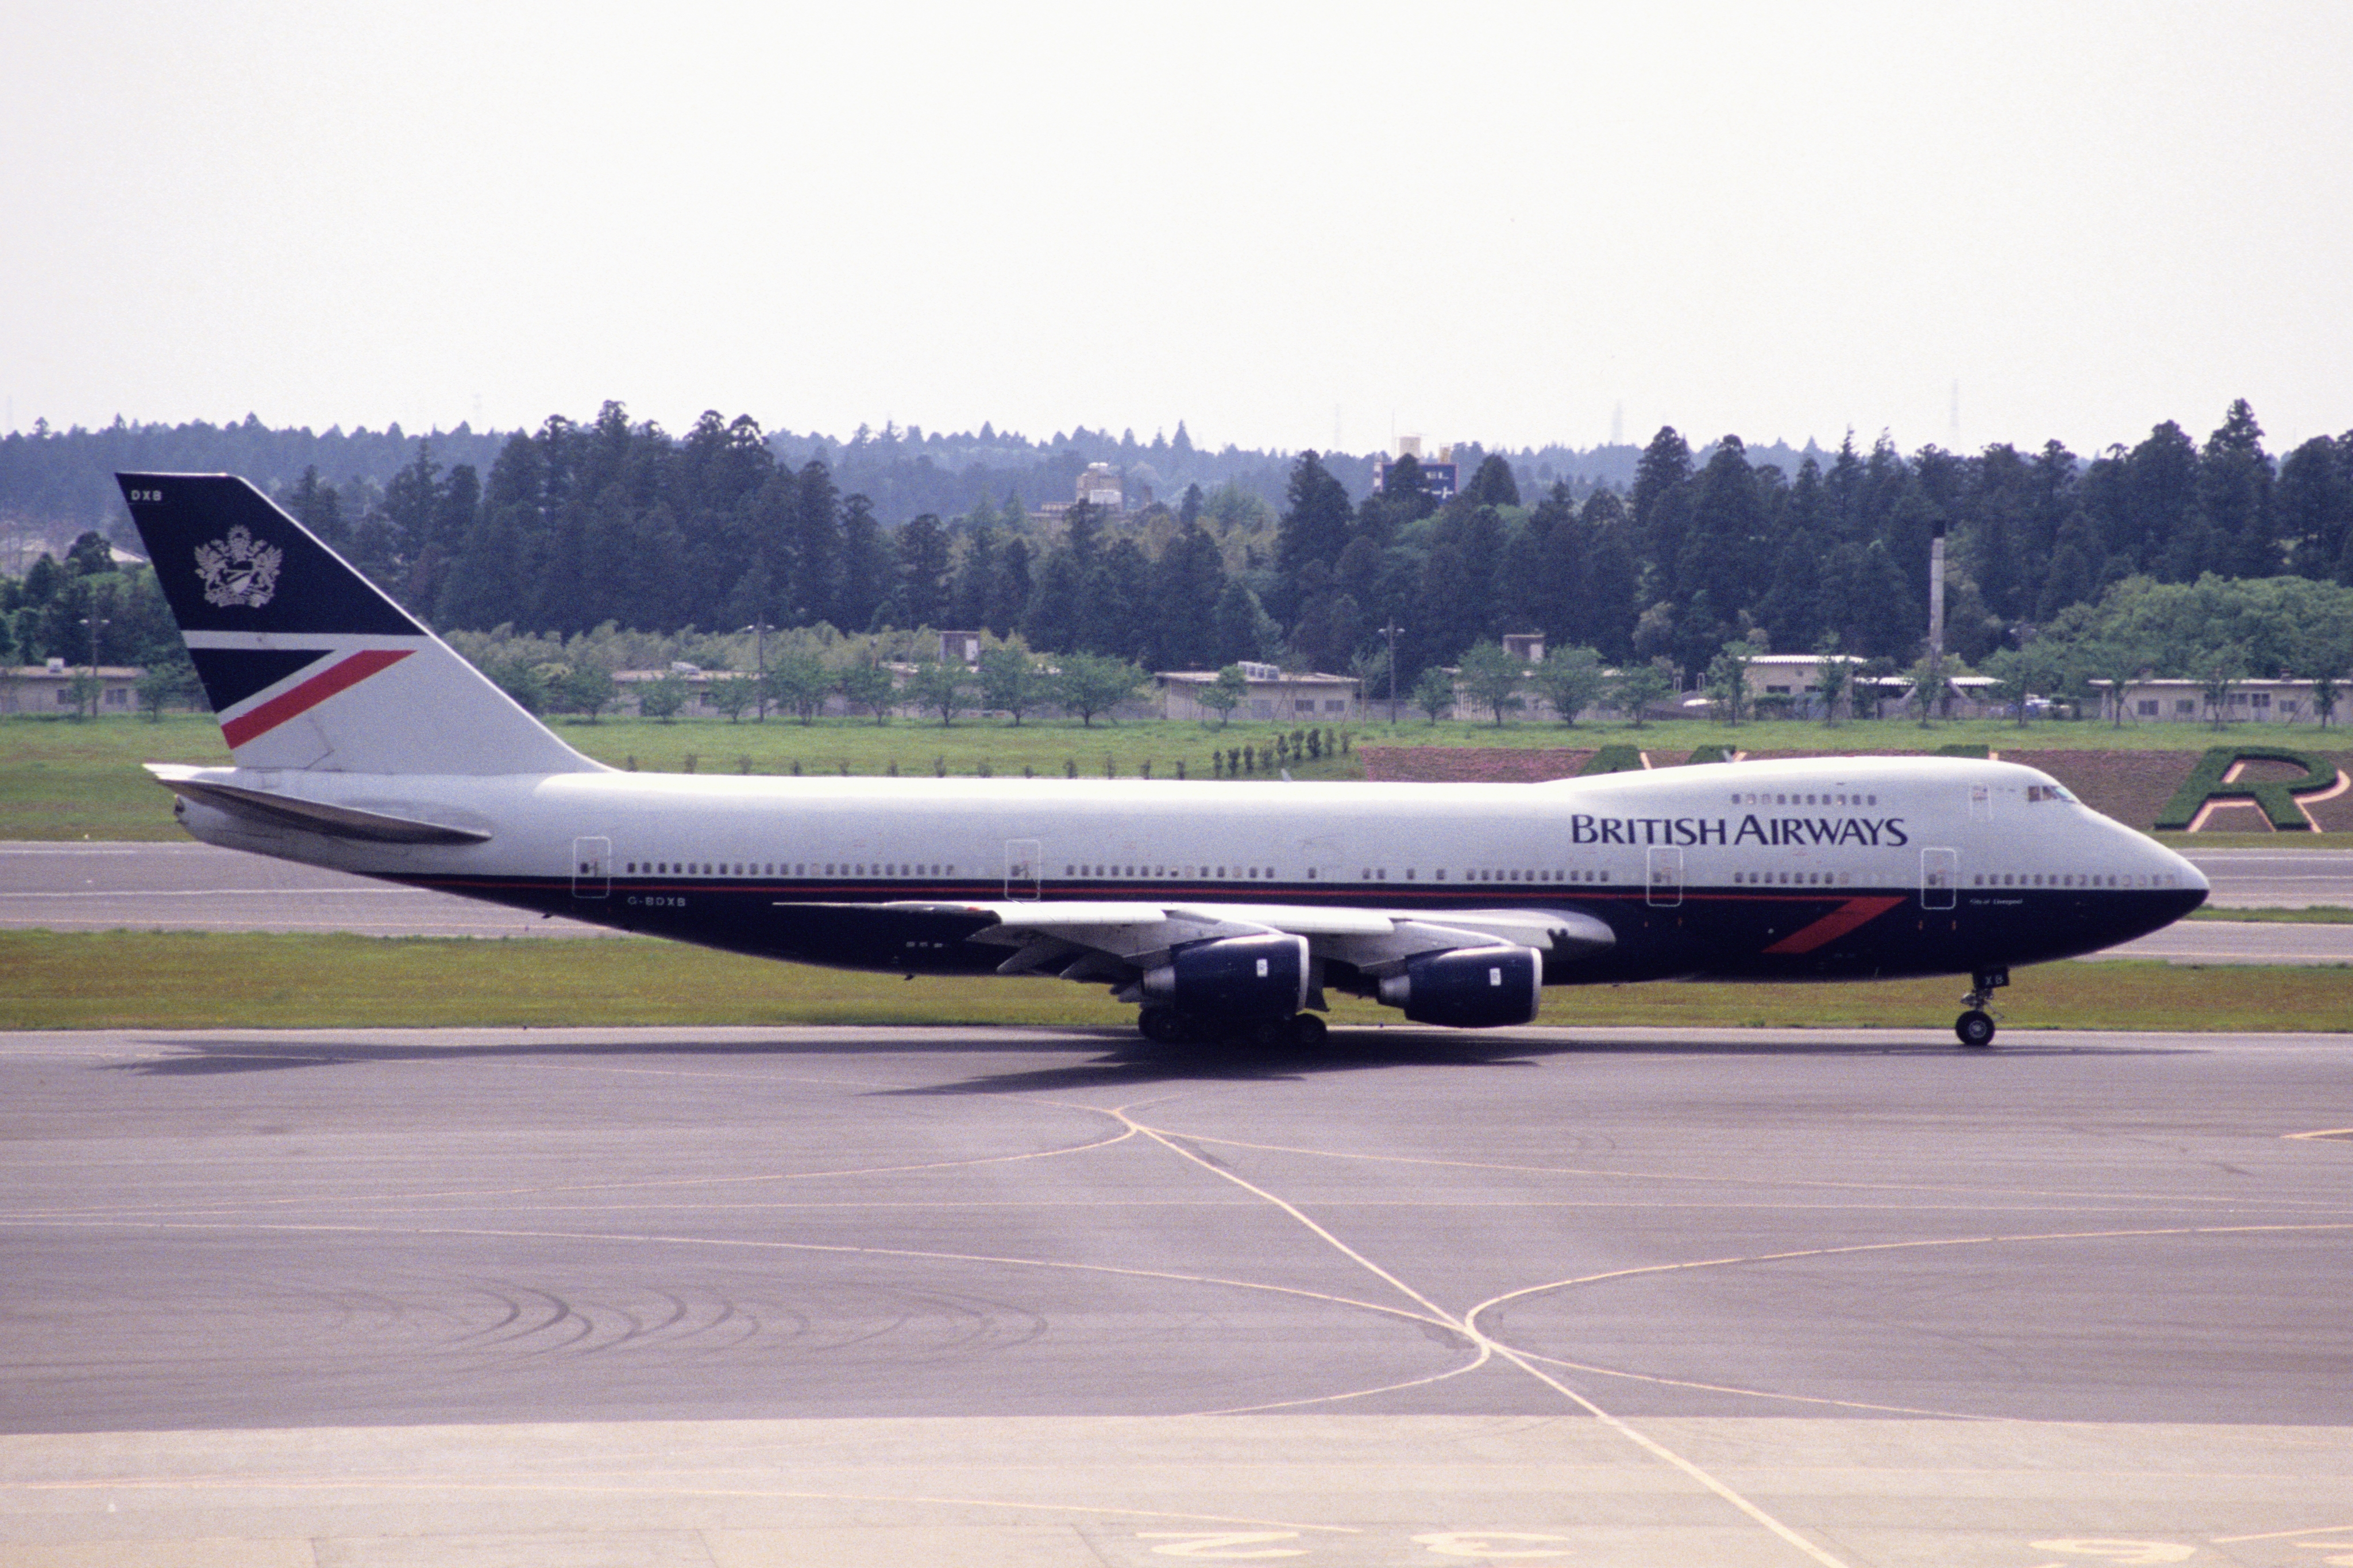 File:British Airways Boeing 747-236B (G-BDXB 302 21239